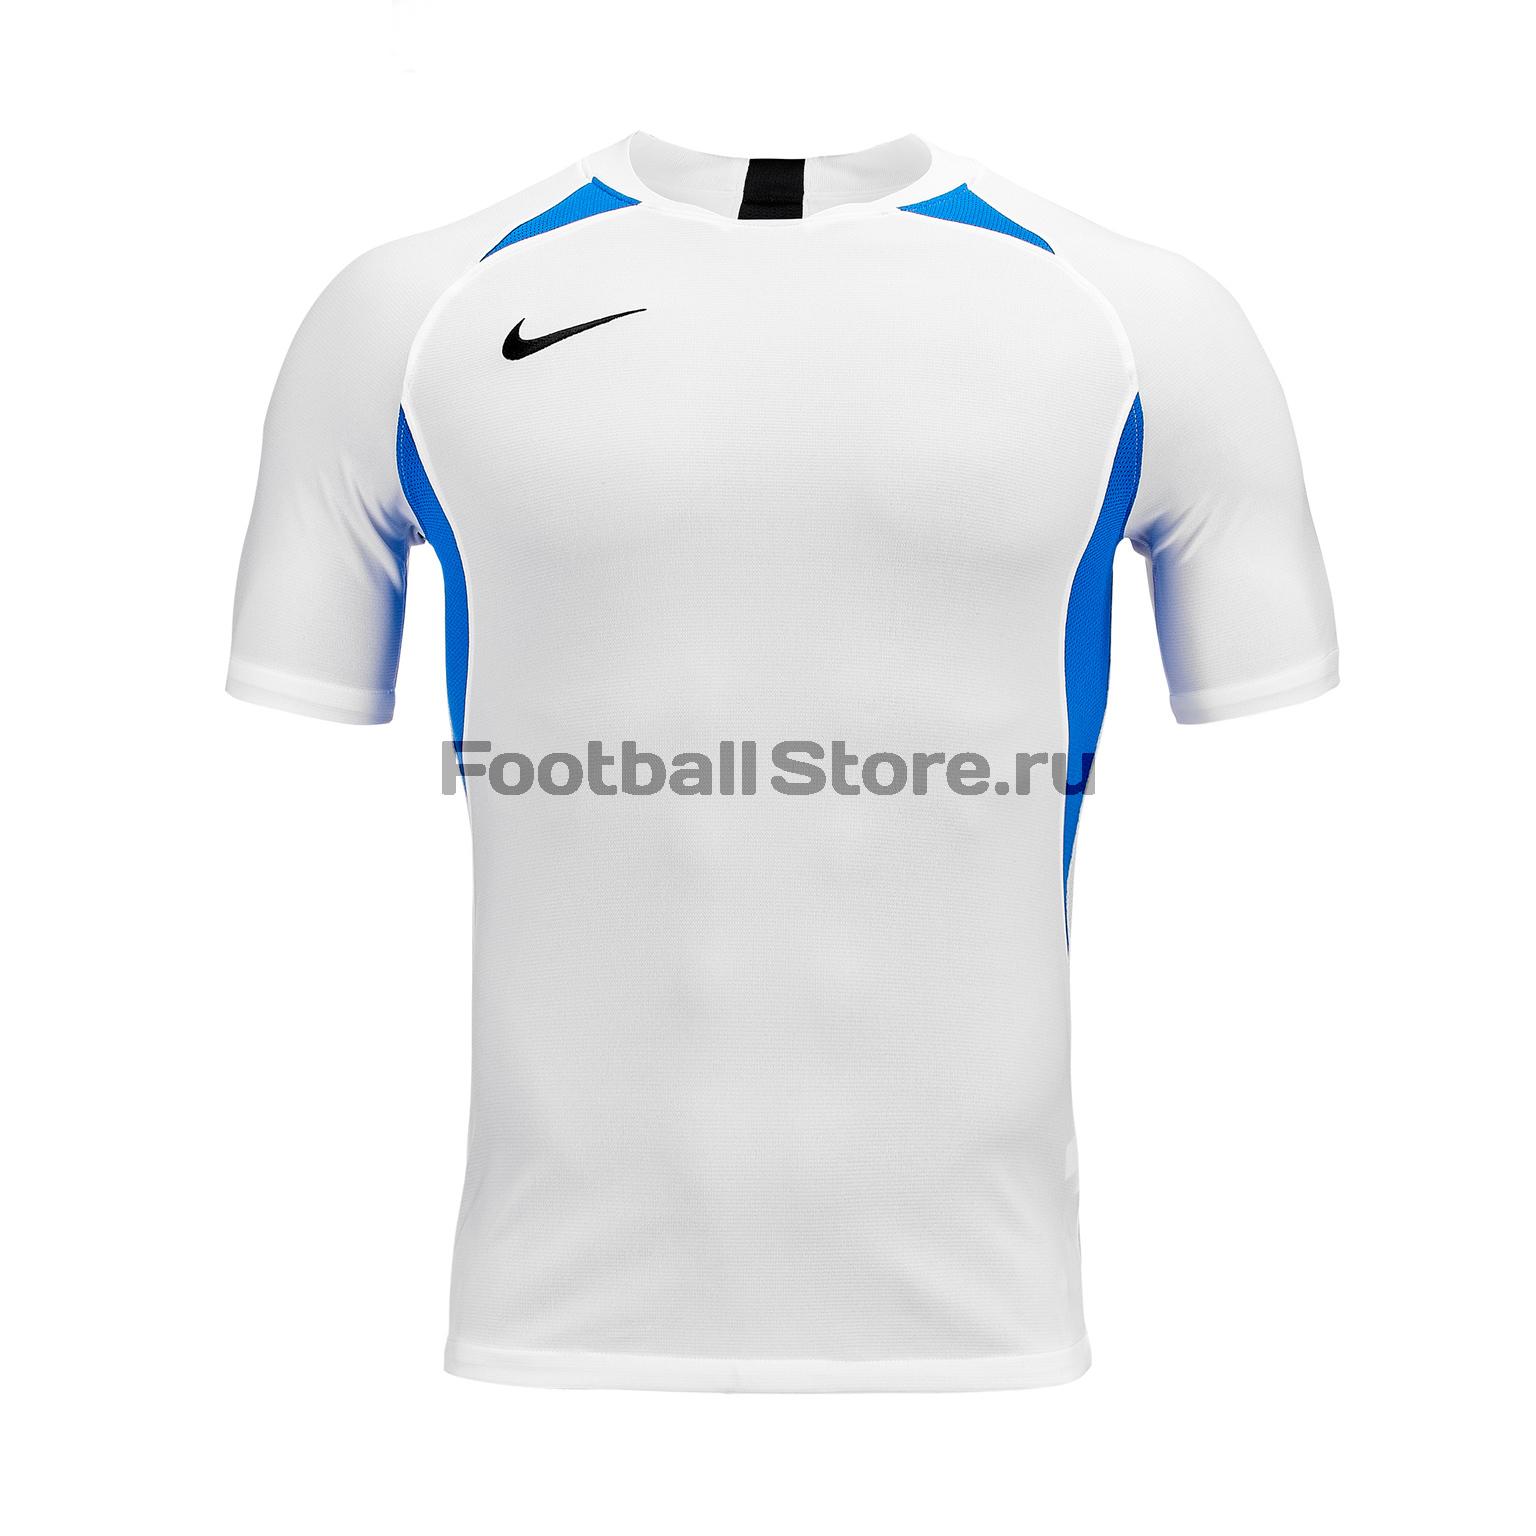 Футболка игровая Nike Dry Legend JSY SS AJ0998-102 футболка игровая nike dry tiempo prem jsy ss 894230 412